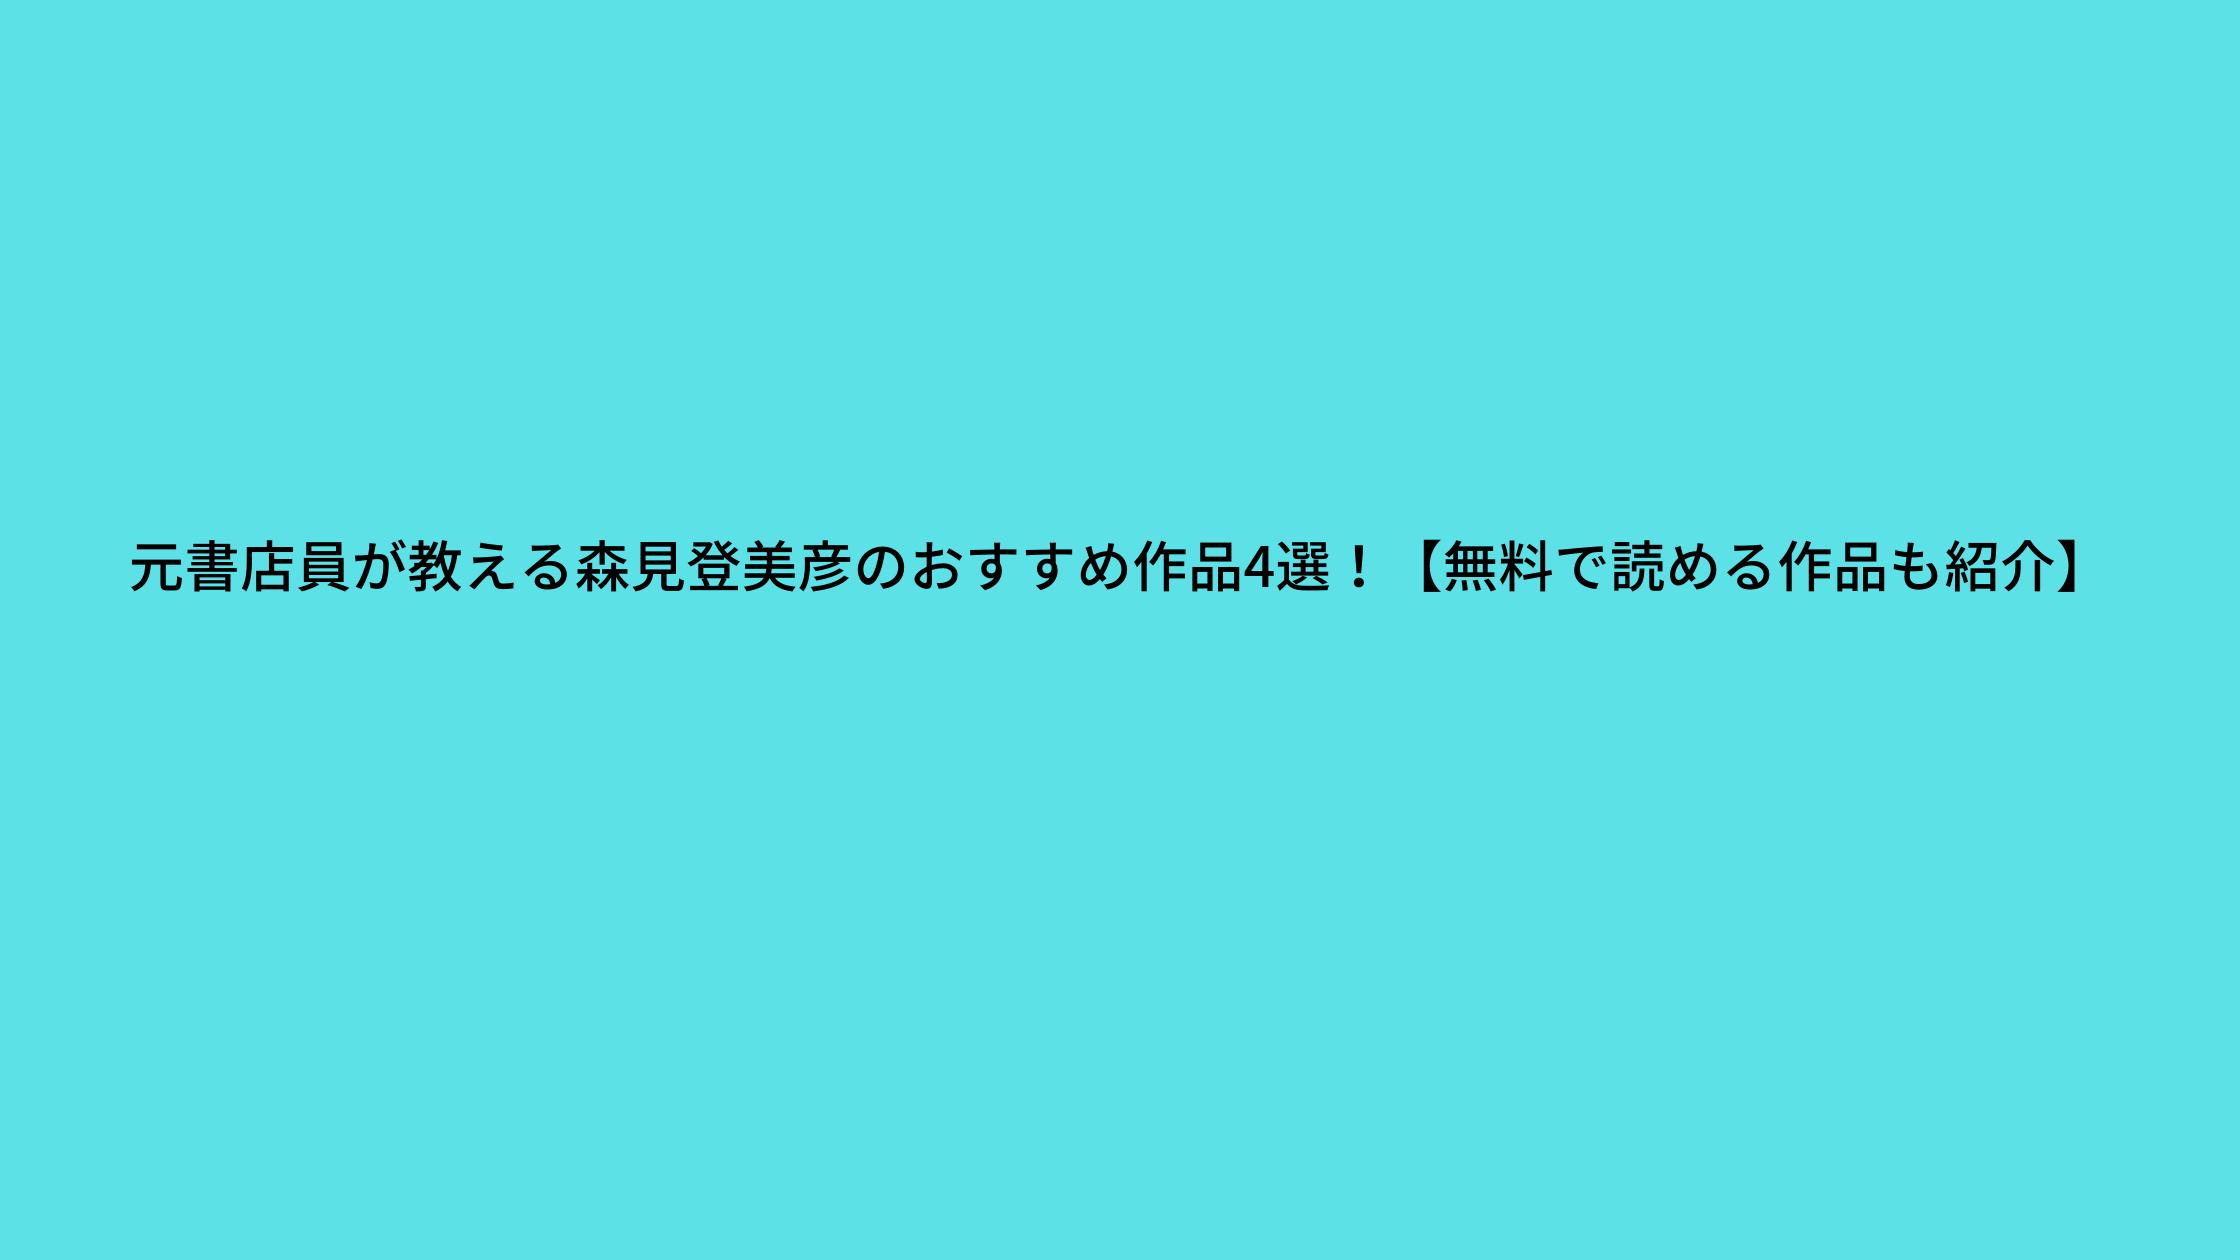 元書店員が教える森見登美彦のおすすめ作品4選!【無料で読める作品も紹介】